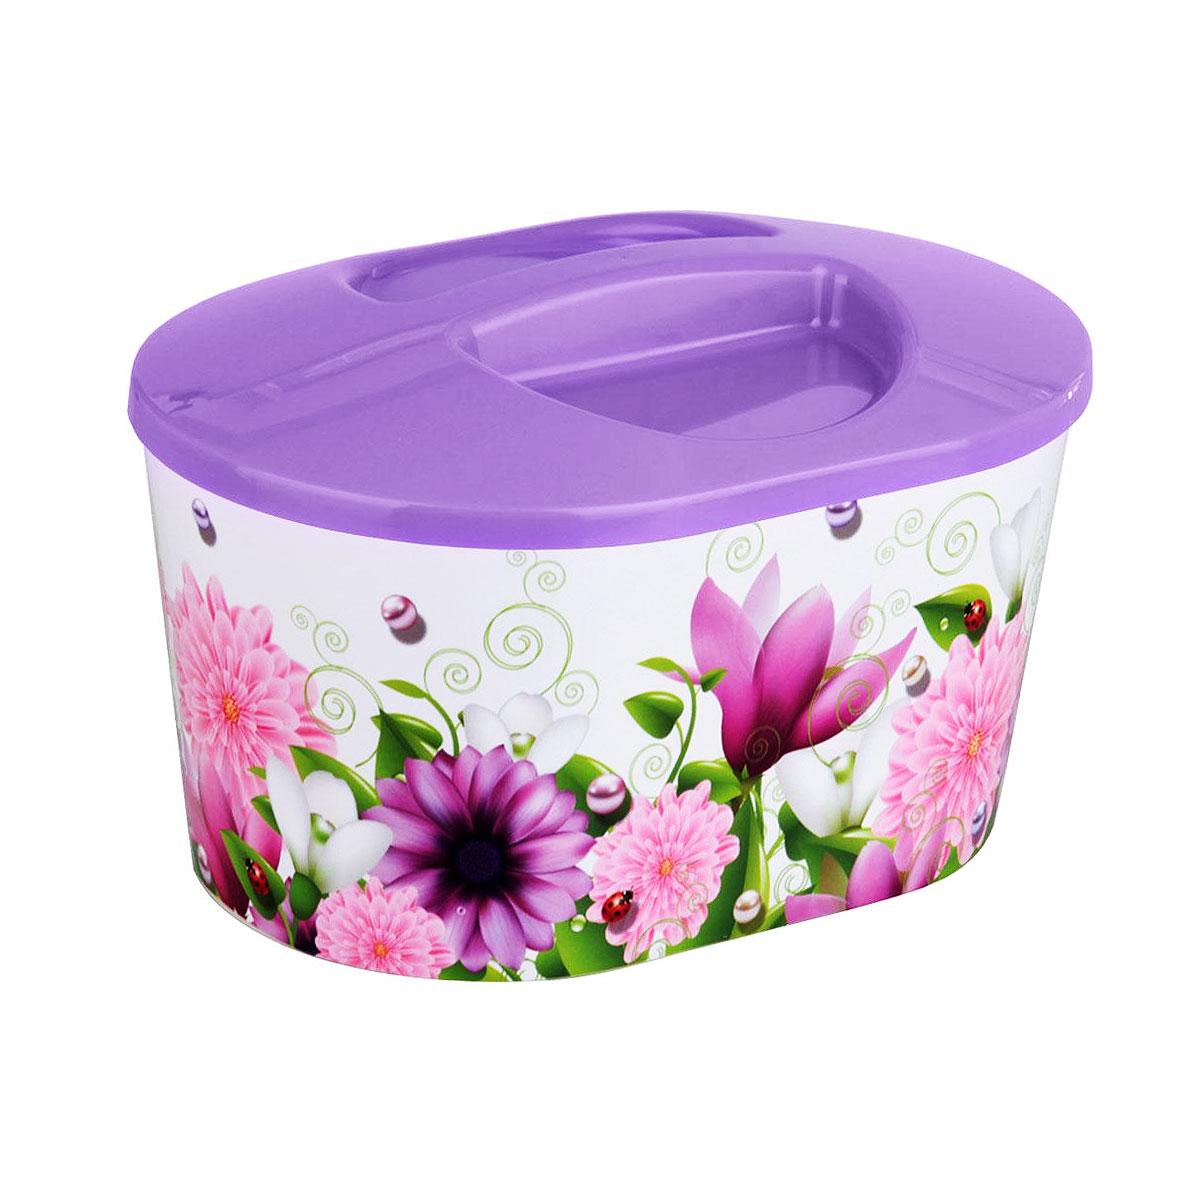 Контейнер-шкатулка Альтернатива Лира, 24 х 17,5 х 15 см4160_фиолетовыйКонтейнер-шкатулка Альтернатива Лира предназначен для хранения мелких вещей. Он выполнен из пластика и декорирован ярким цветочным рисунком. Оснащен крышкой. В таком контейнере удобно хранить канцелярские принадлежности, медикаменты, принадлежности для шитья и другие мелкие вещи. Он поможет хранить все в одном месте, а также защитить вещи от пыли, грязи и влаги.